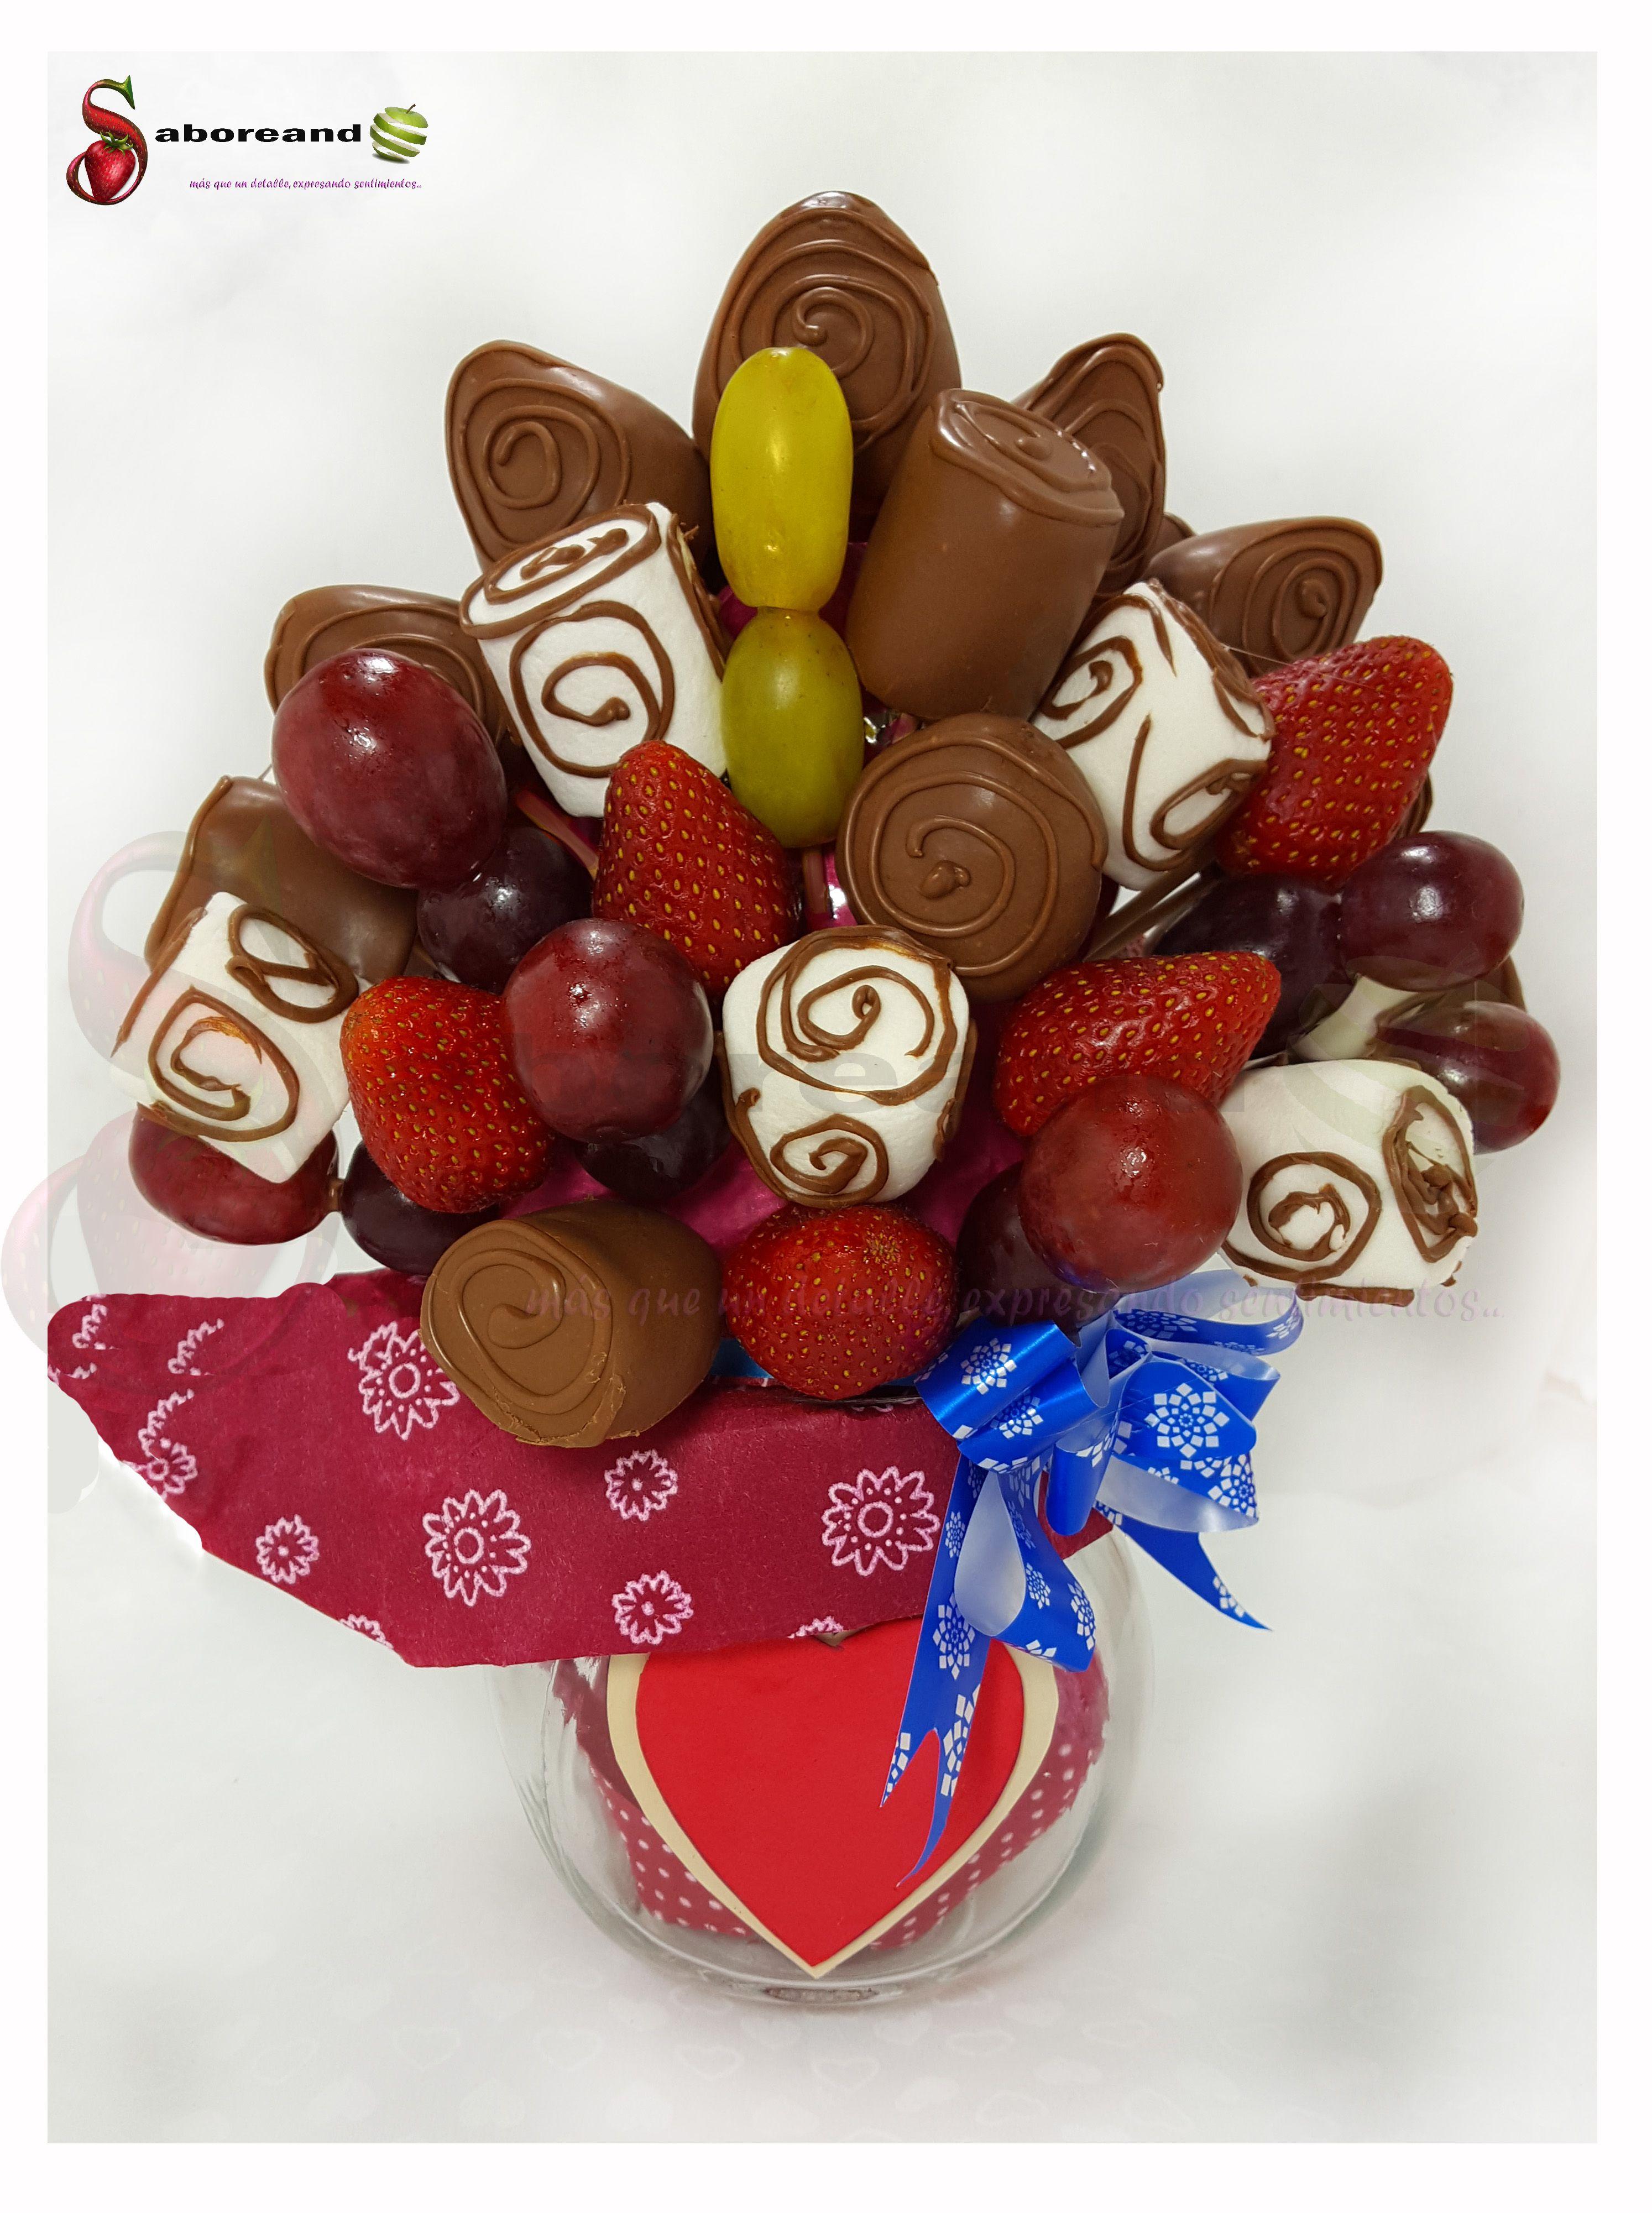 Arreglos Frutales Flores Chocolates Trufas Brigadeiros Desayunos Pop Cakes Arreglos Frutales Arreglos Frutales Comestibles Ramos De Fresas Con Chocolate